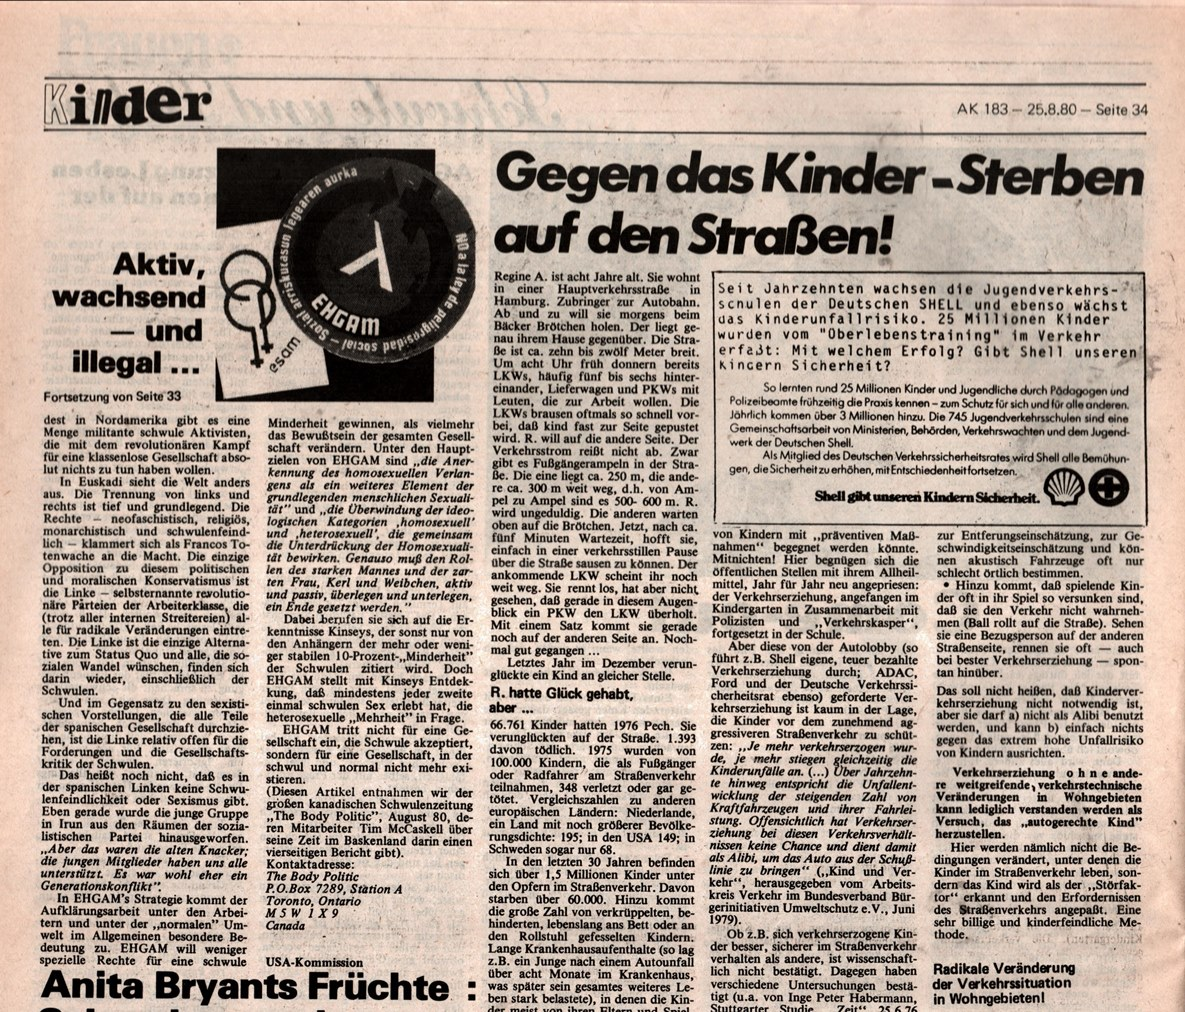 KB_AK_1980_183_067